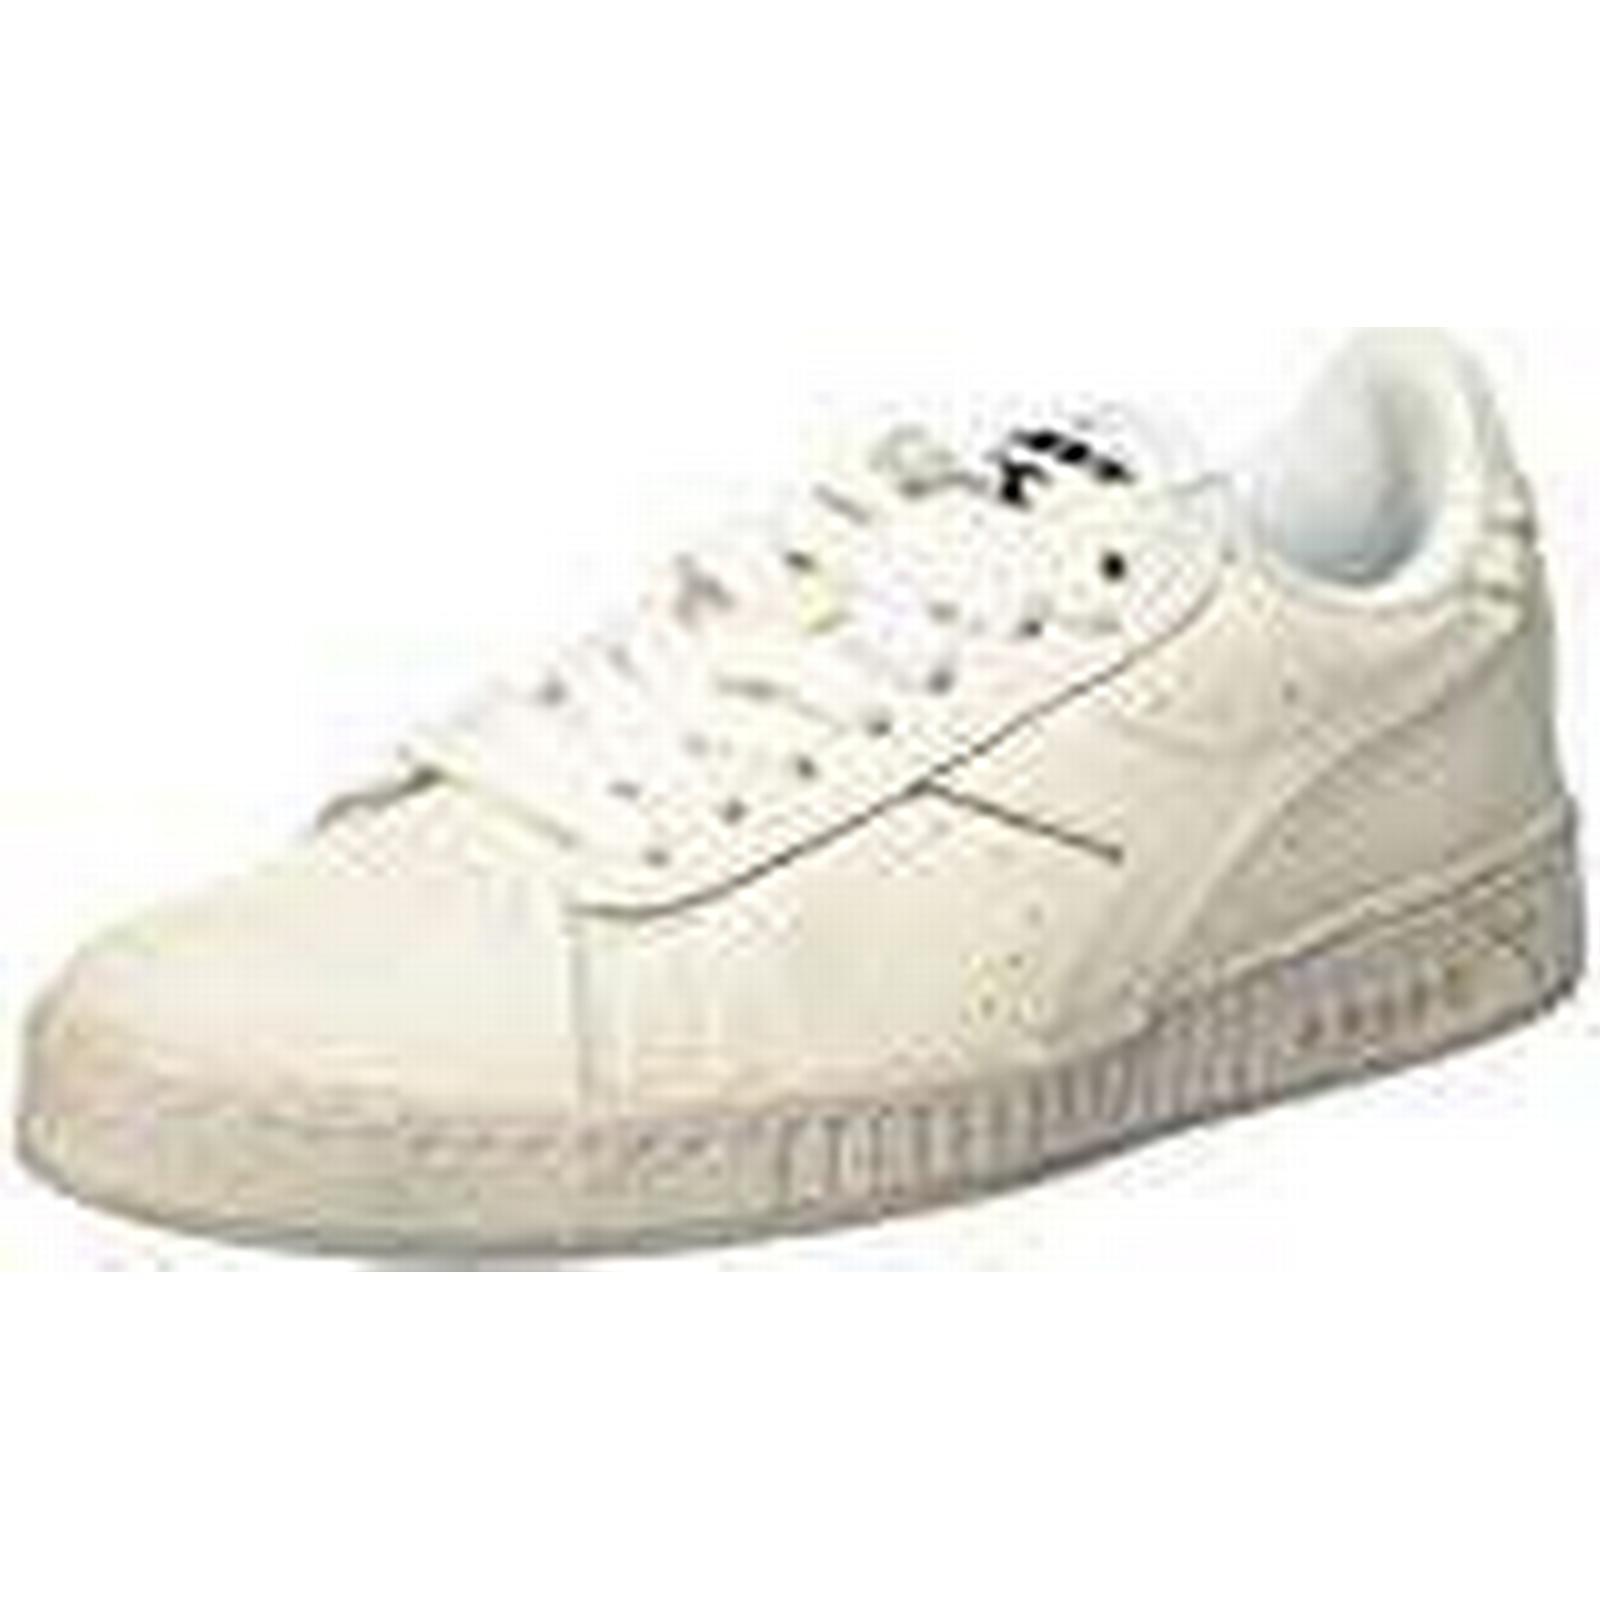 Diadora Men's Game L Waxed (Bianco/bianco/bianco), Low-Top Sneakers, Off White (Bianco/bianco/bianco), Waxed 10.5 UK 71d336